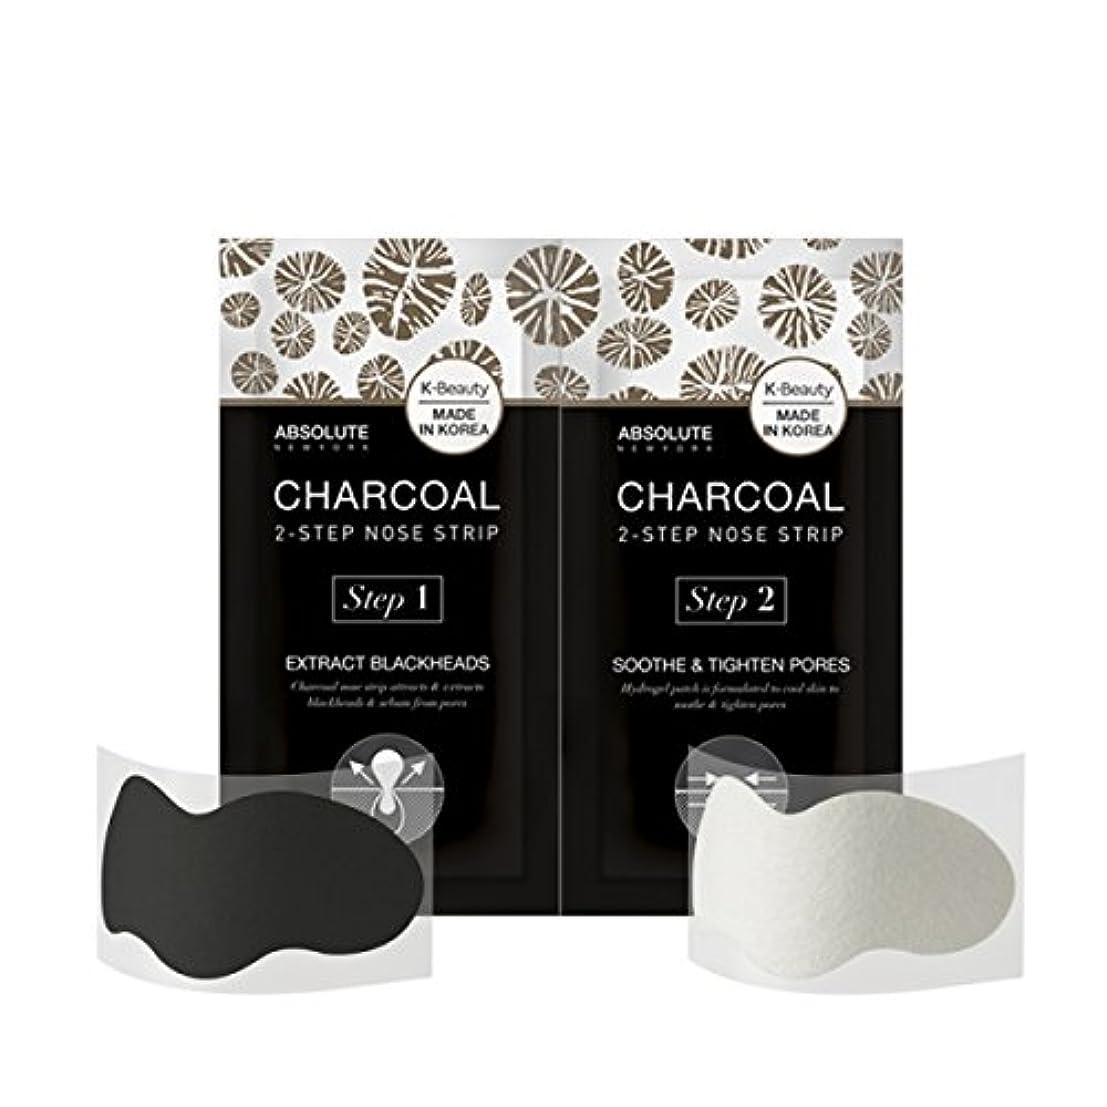 スクラップブック汚染する意味(3 Pack) ABSOLUTE Charcoal 2-Step Nose Strip (並行輸入品)